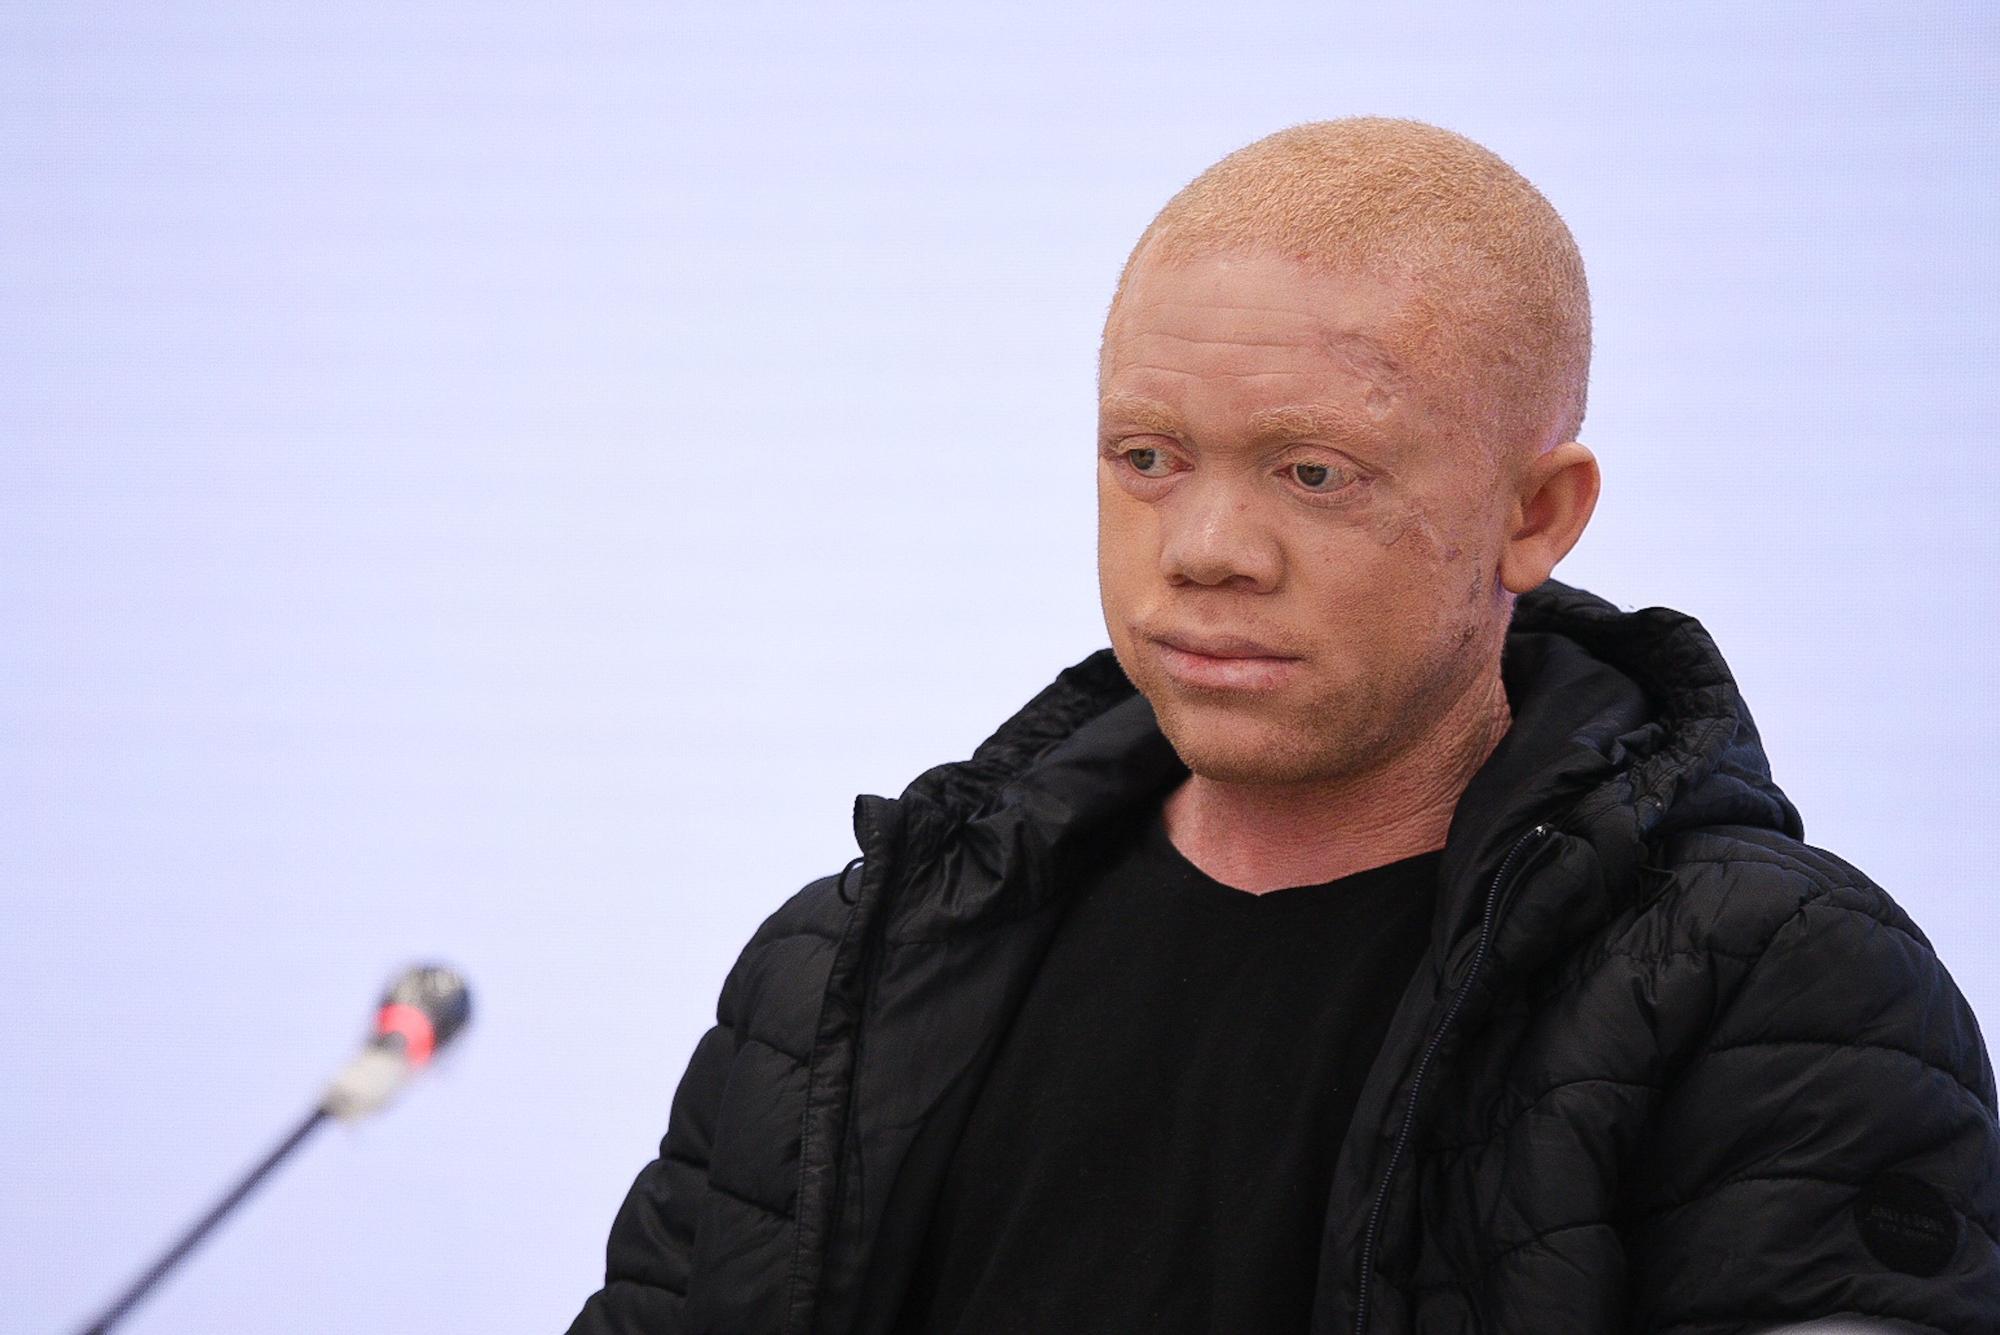 Cavadas reconstruye la cara a un paciente albino